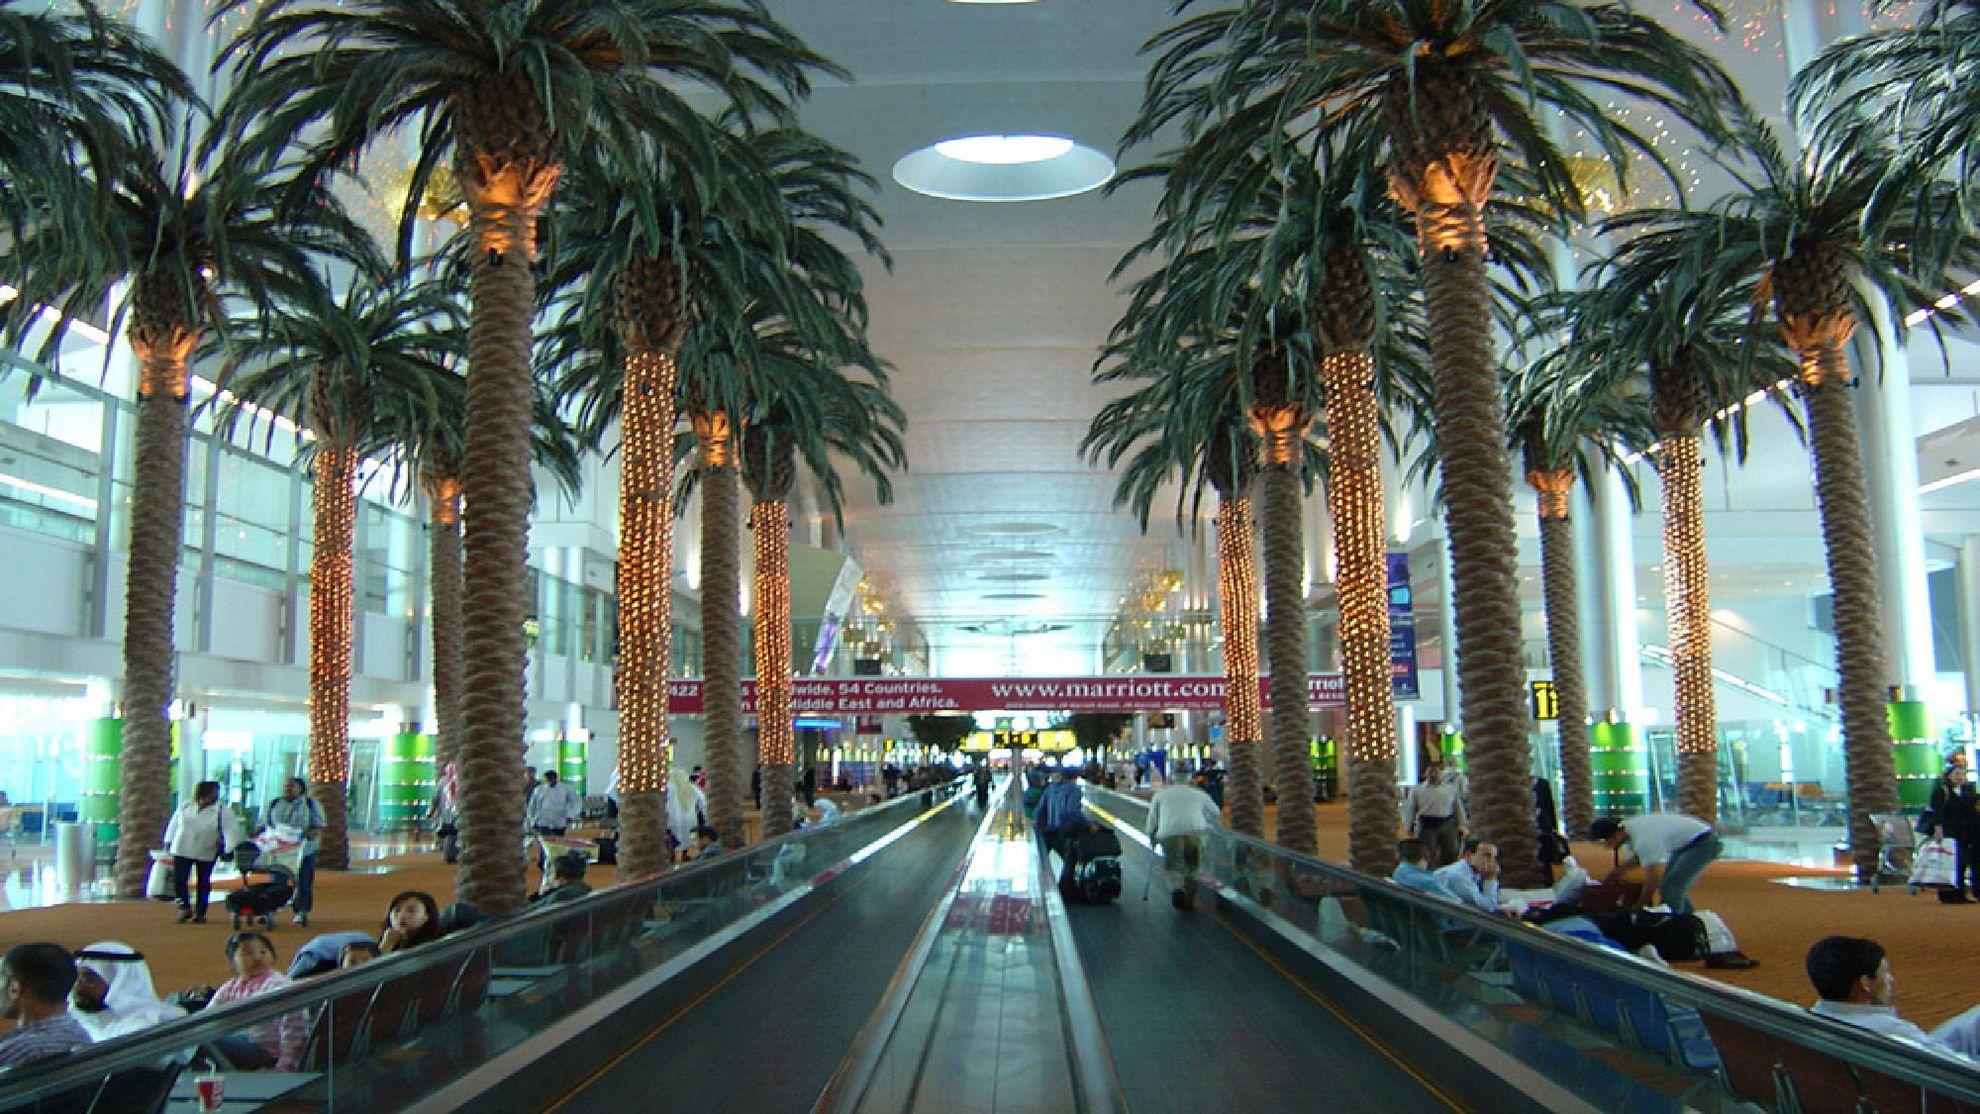 Dubai Burj Al Arab And Palm Island Stock Photo - Image of ...  |Palm Island Dubai From Burj Hotel